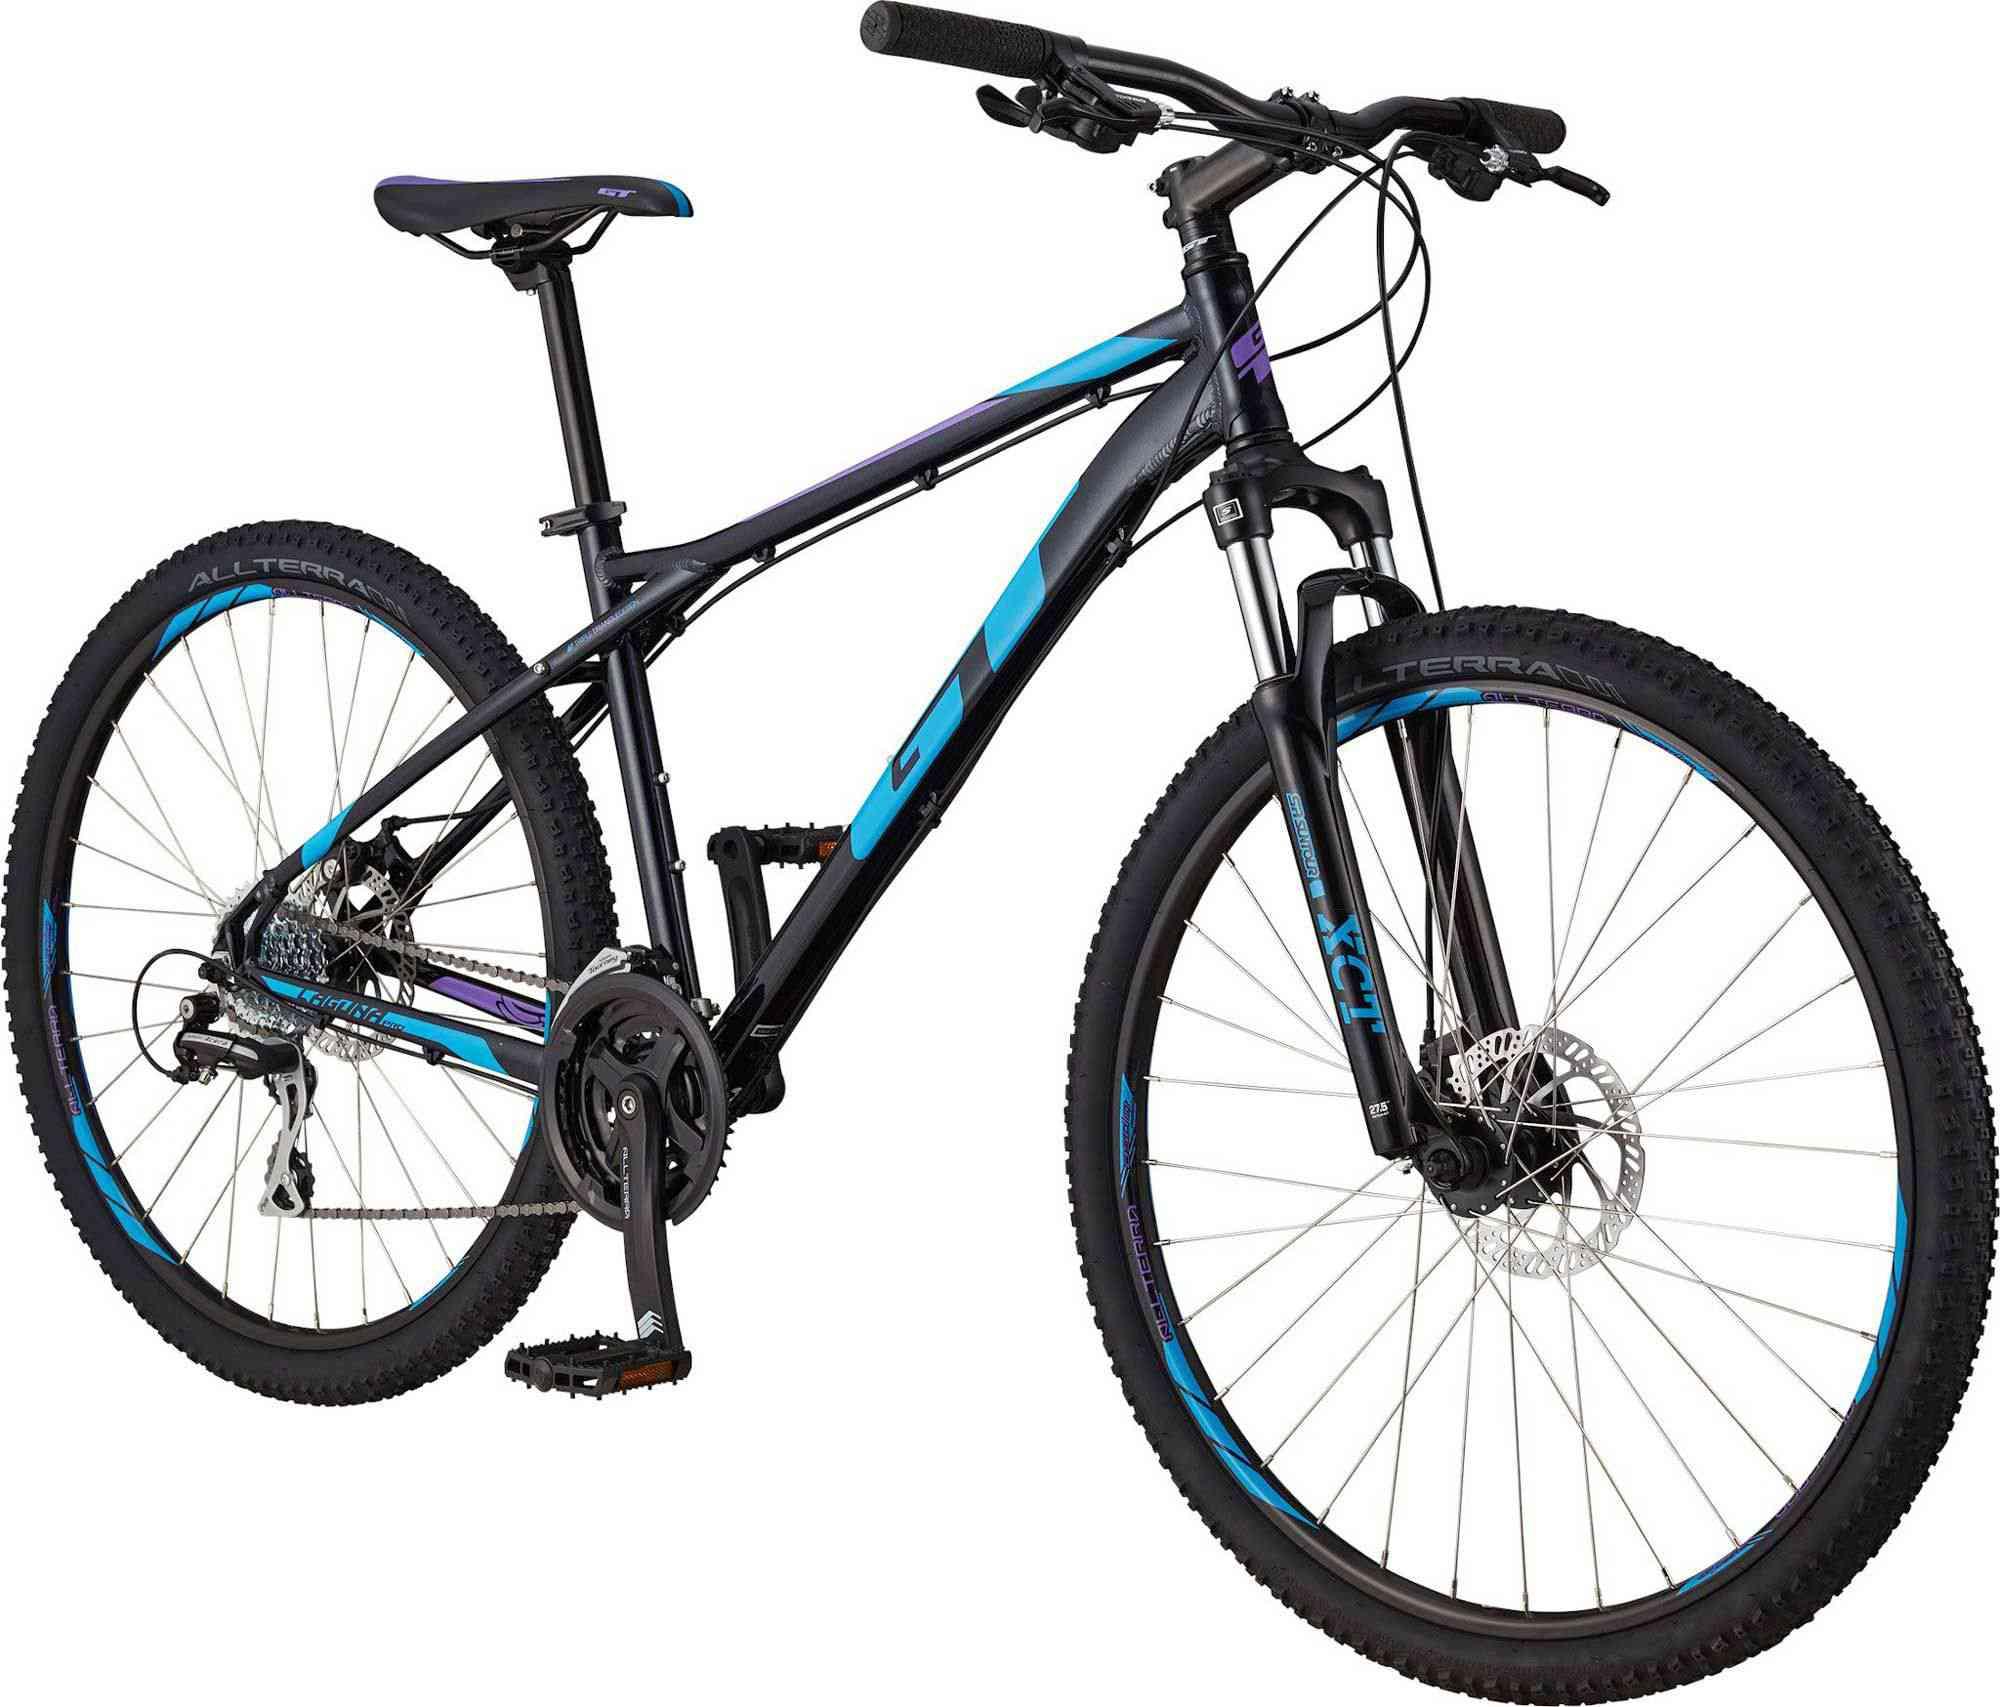 GT Laguna Pro Mountain Bike